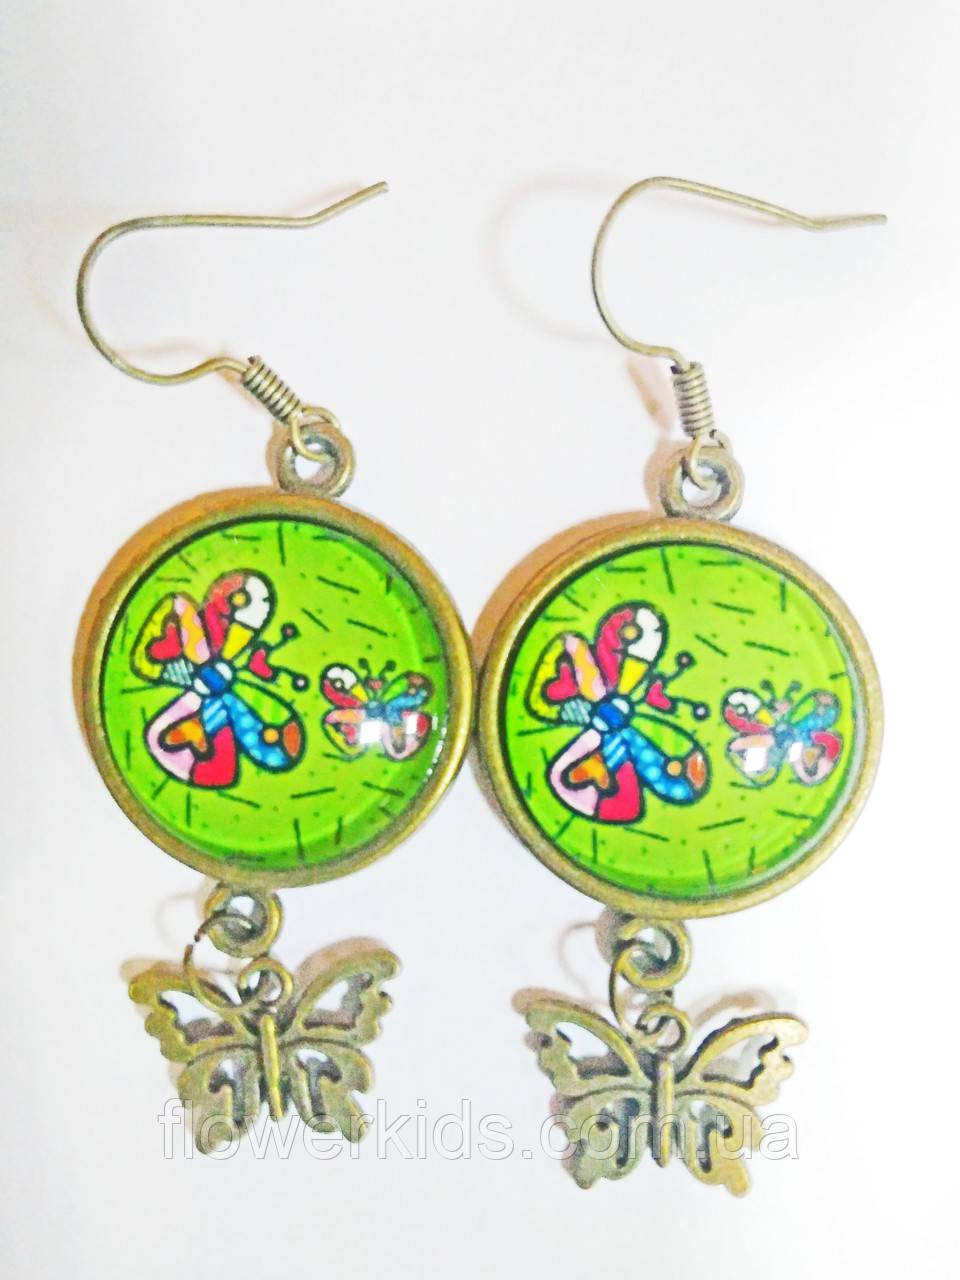 Серёжки ручной работы зелёные с яркими бабочками